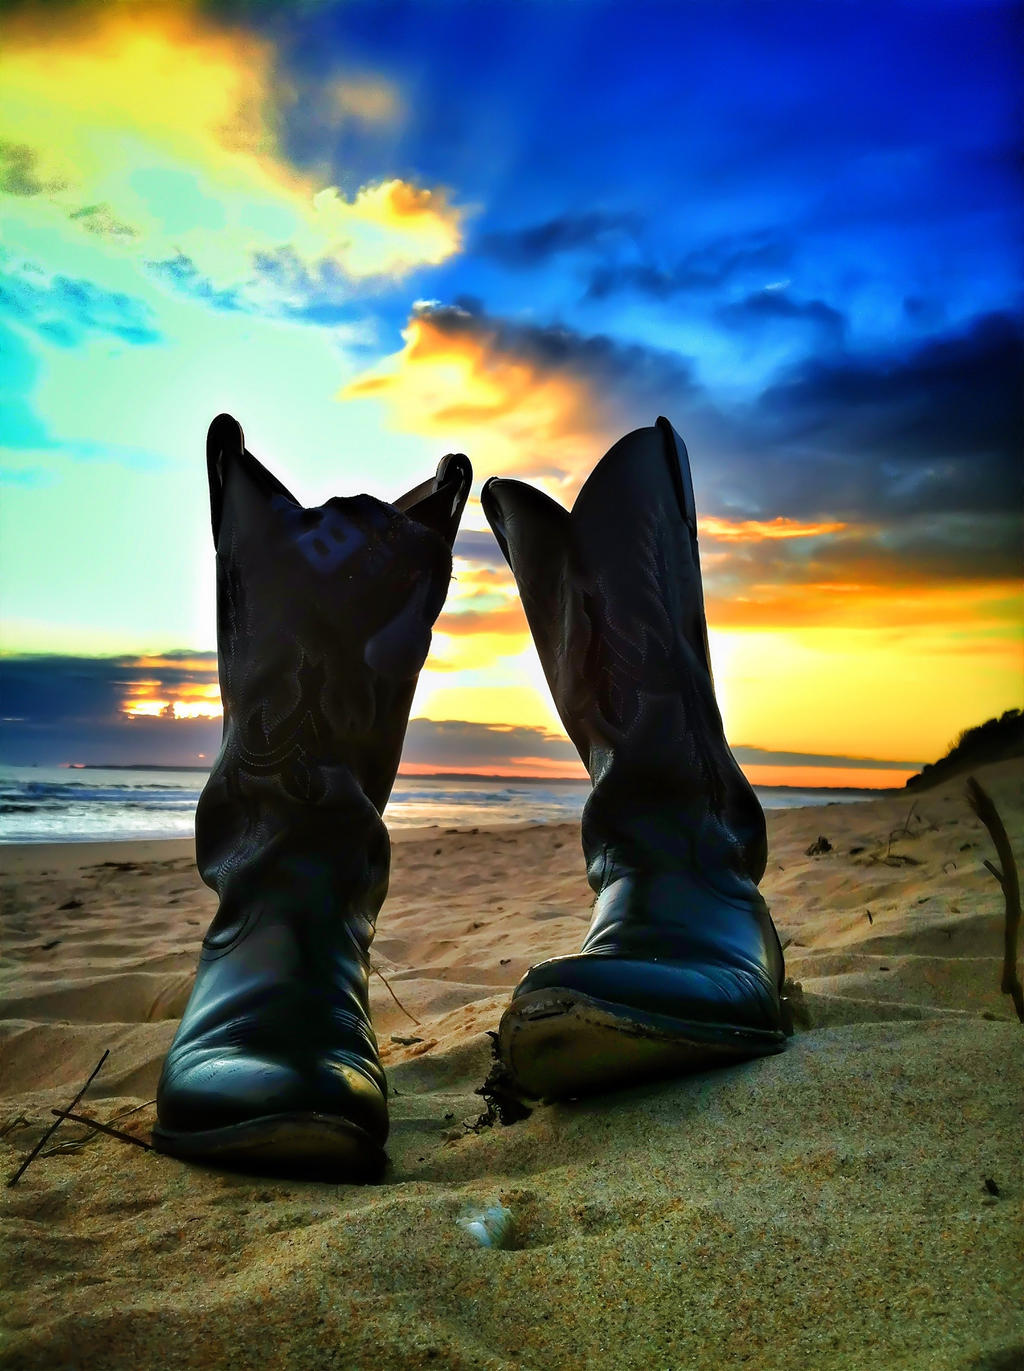 Beach Boots by littleredplanet